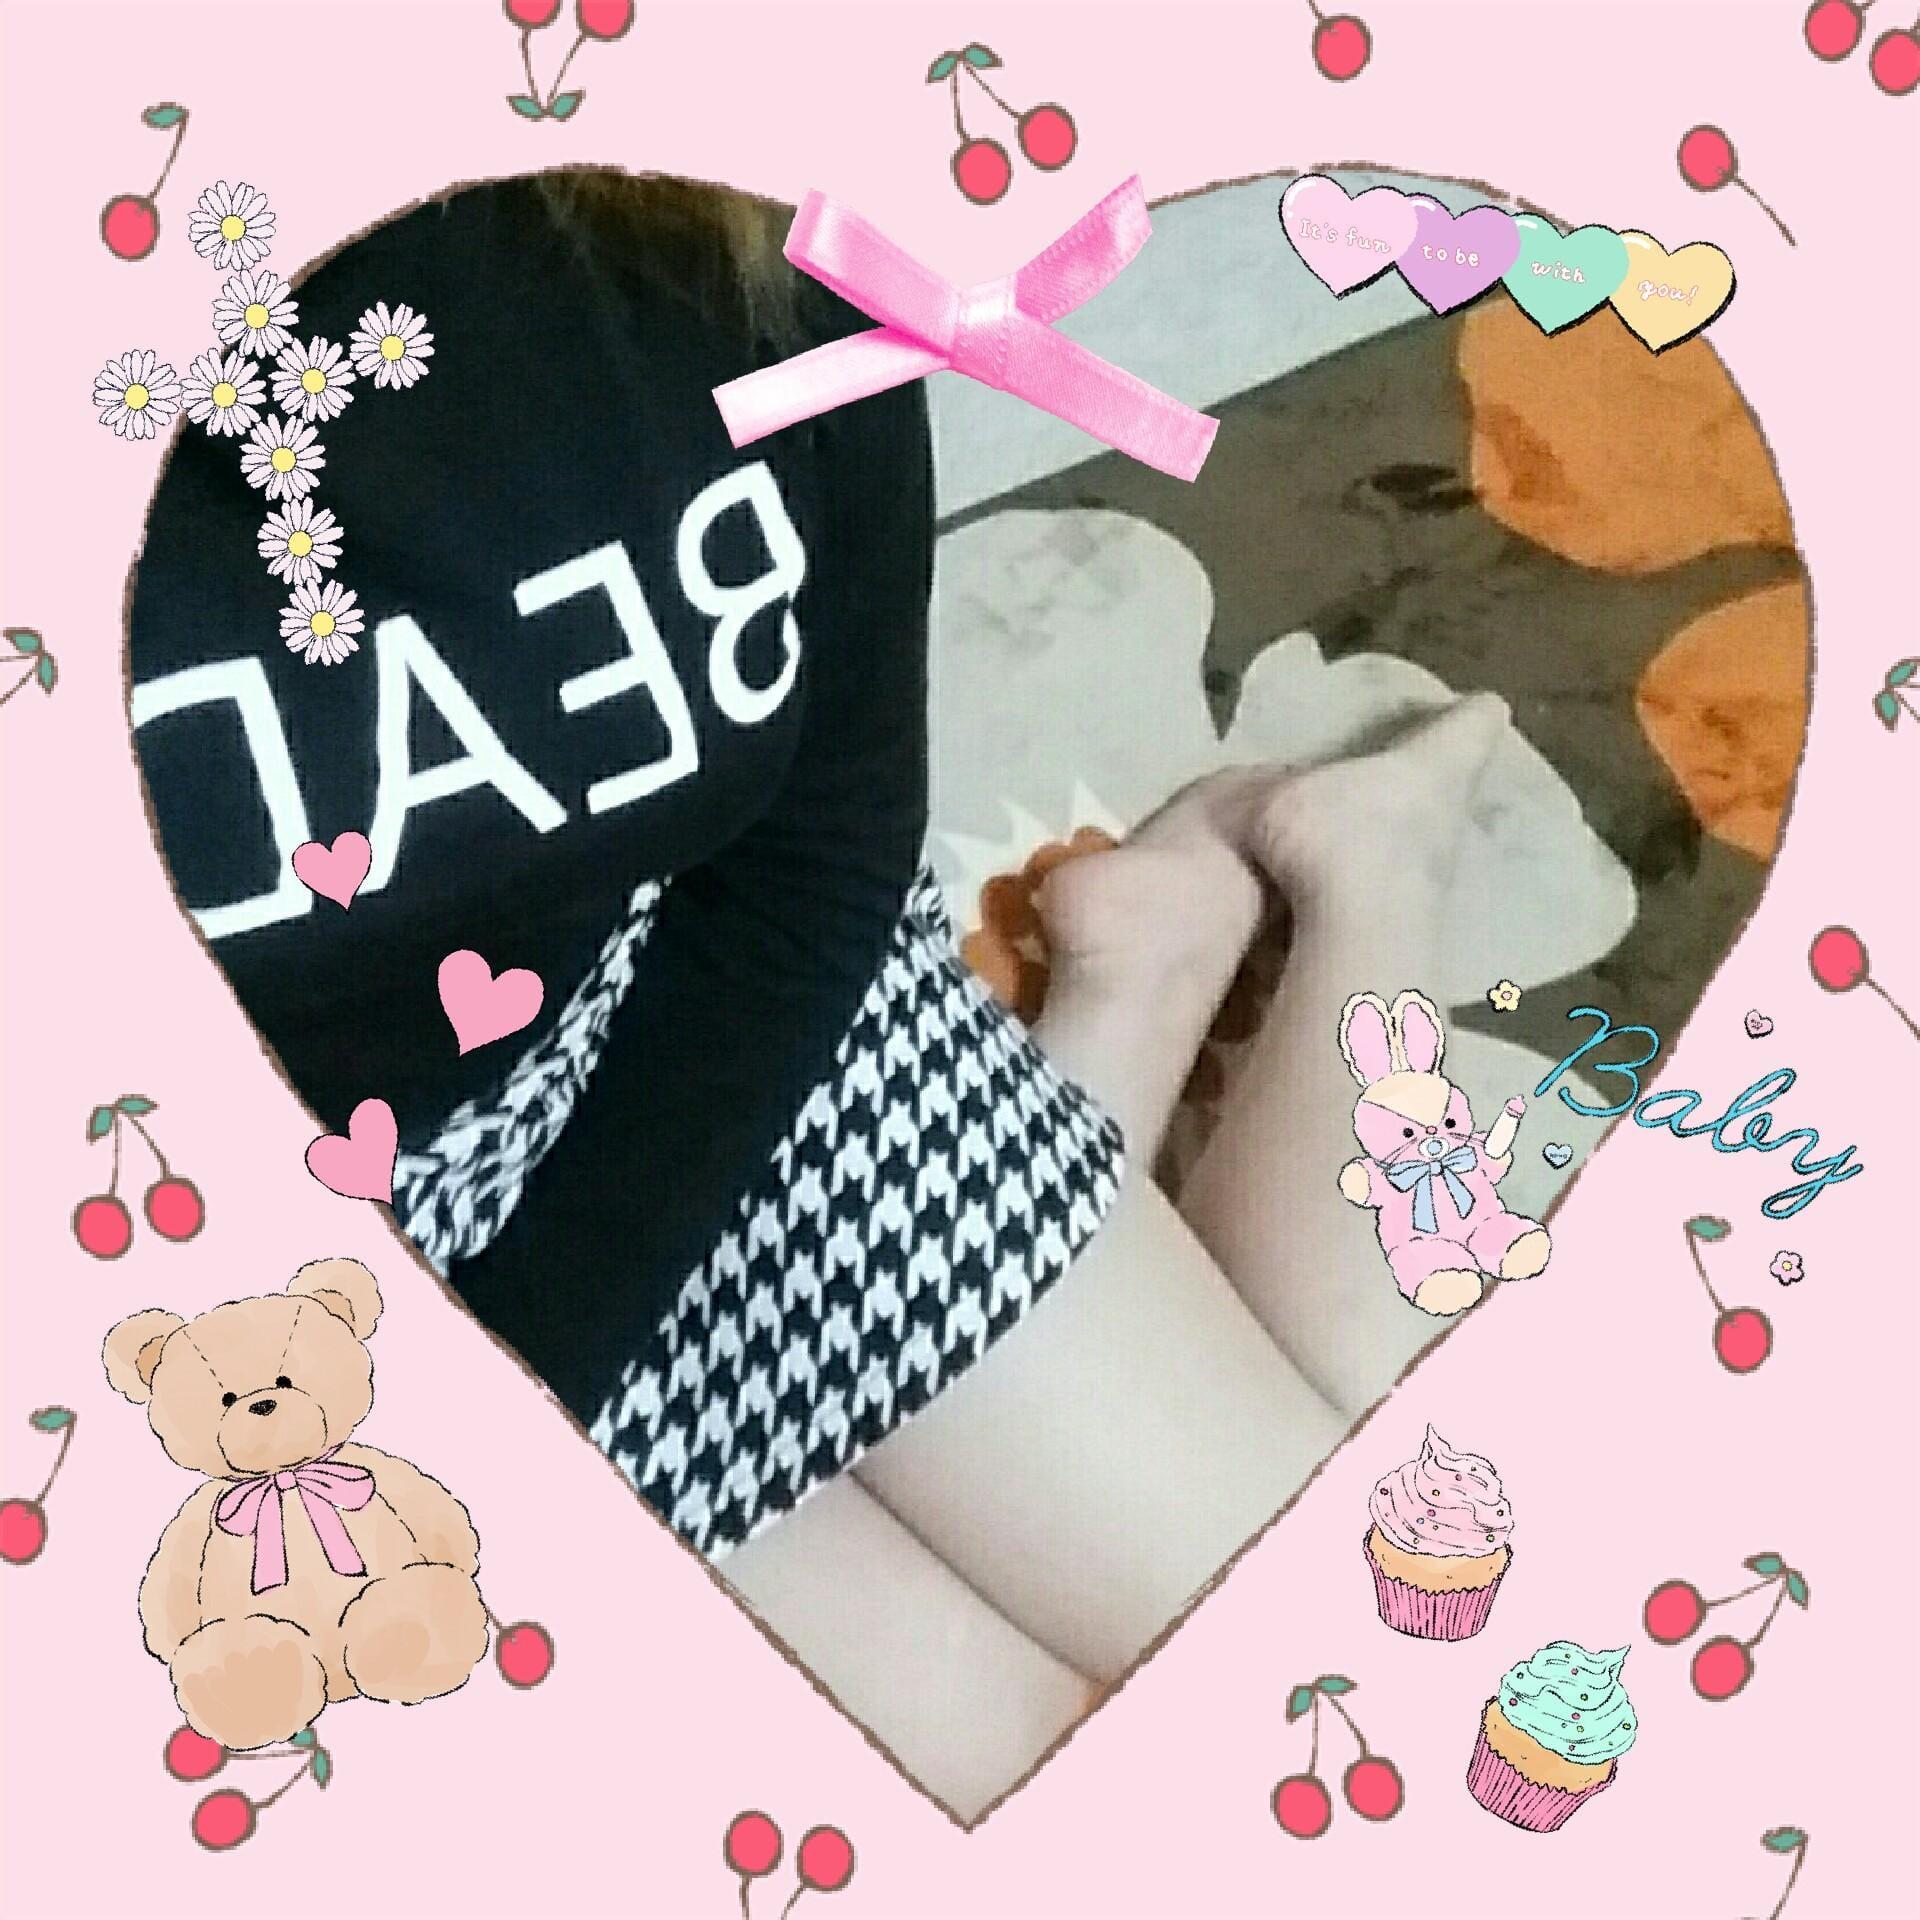 「おはようございます。(^_^)」01/19(土) 18:36 | ミセス☆おとねの写メ・風俗動画